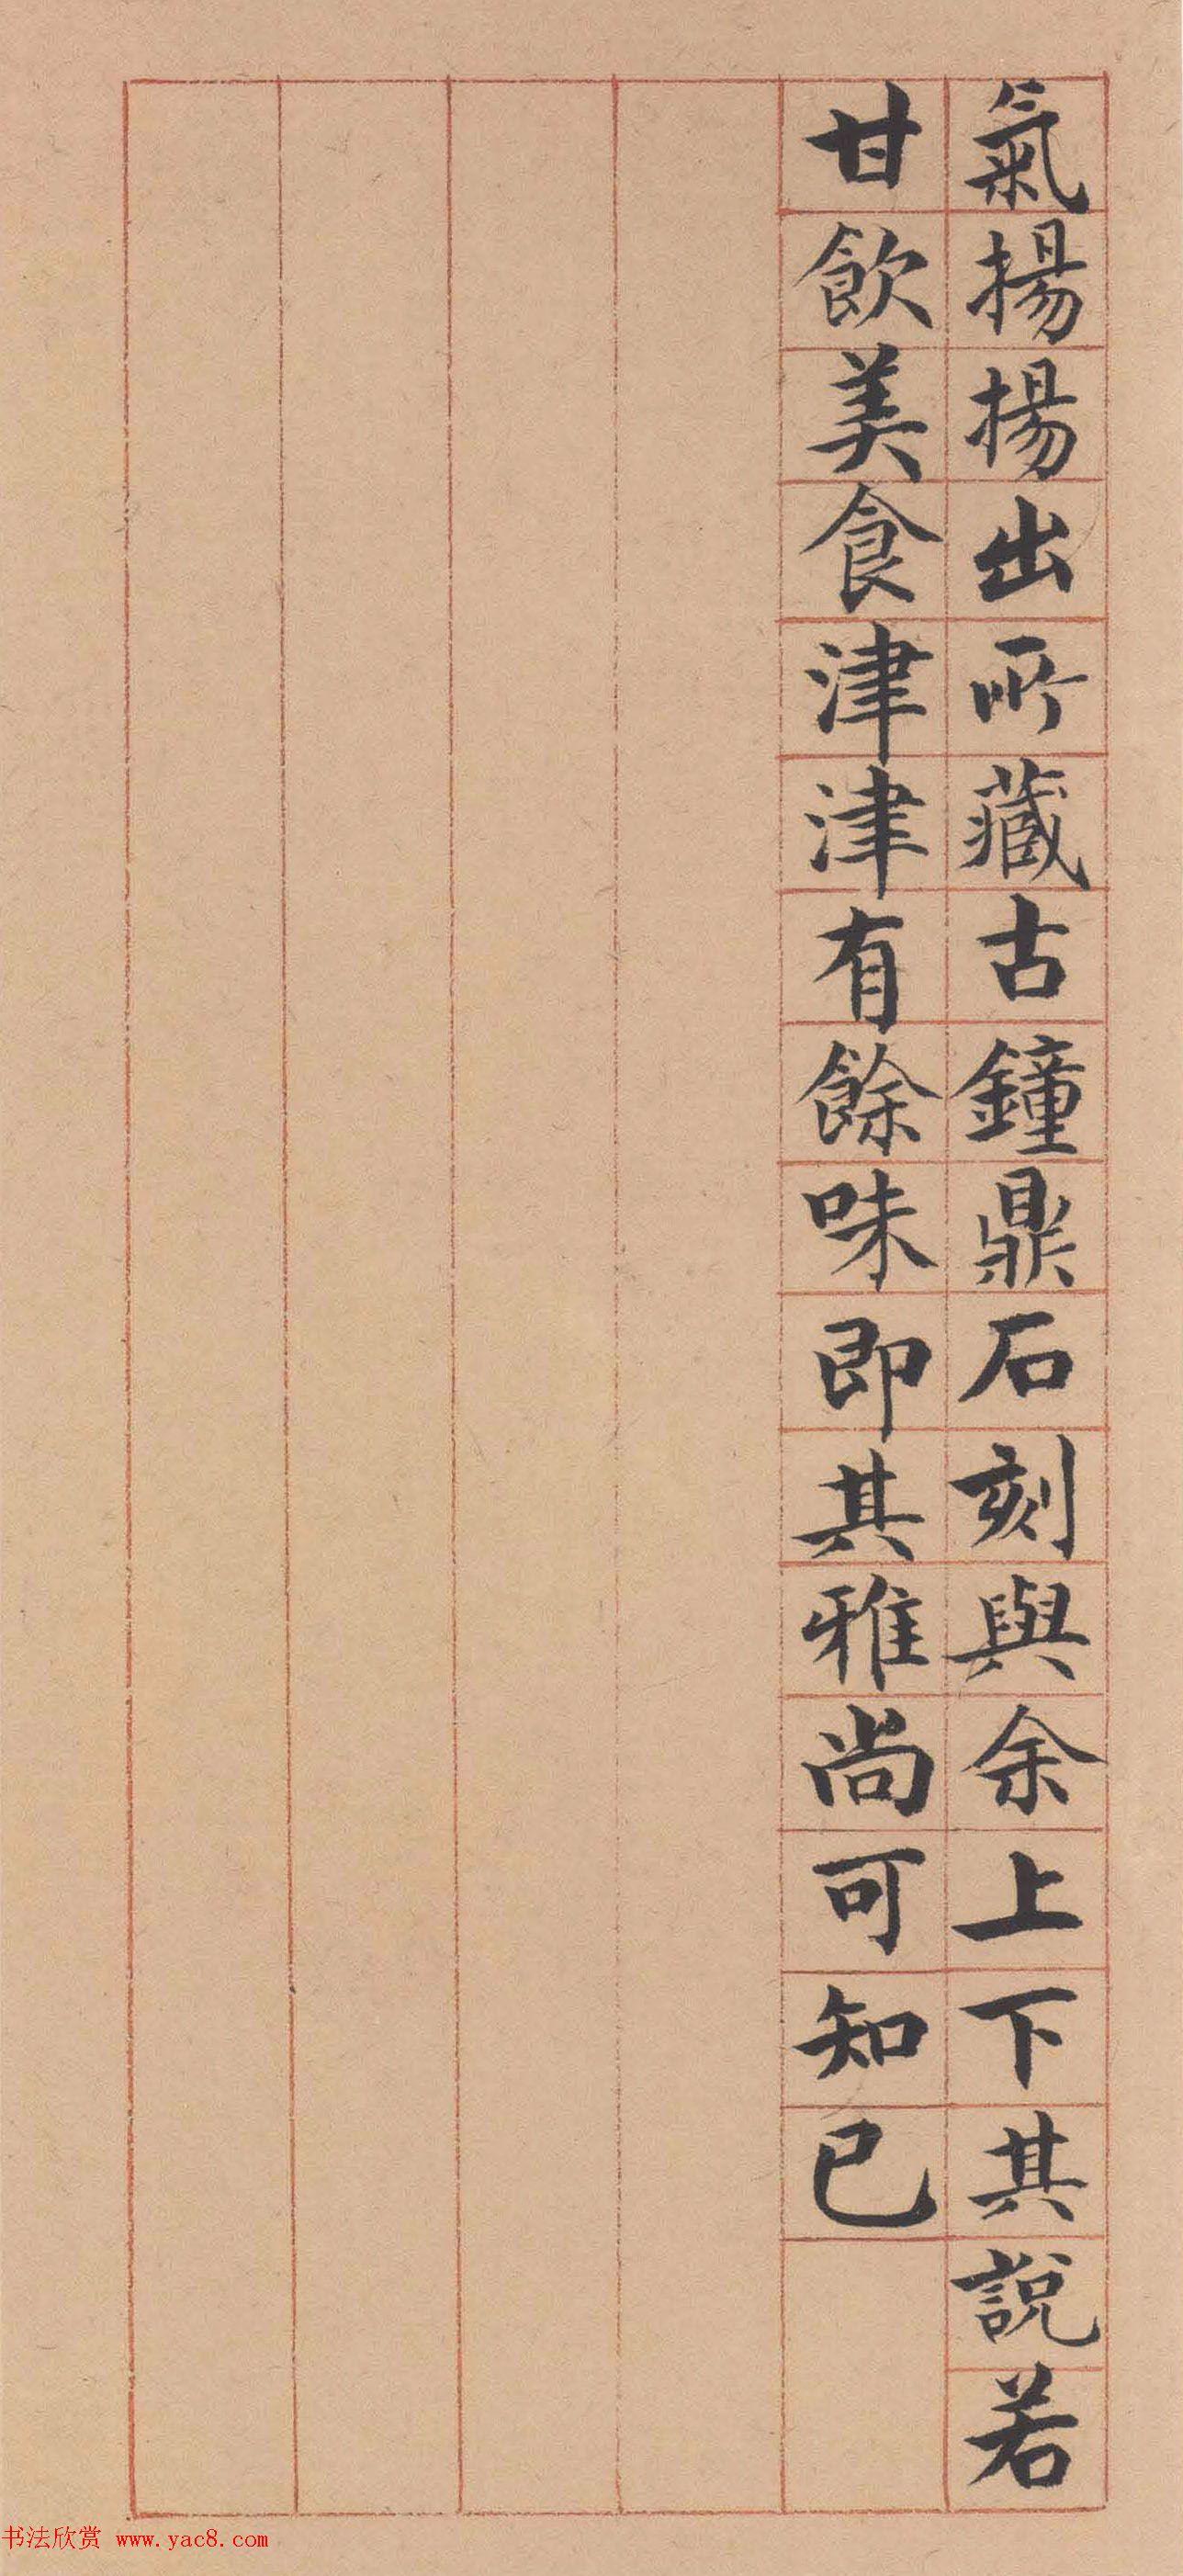 张廷济楷书《蔡莲峯州司马小传》